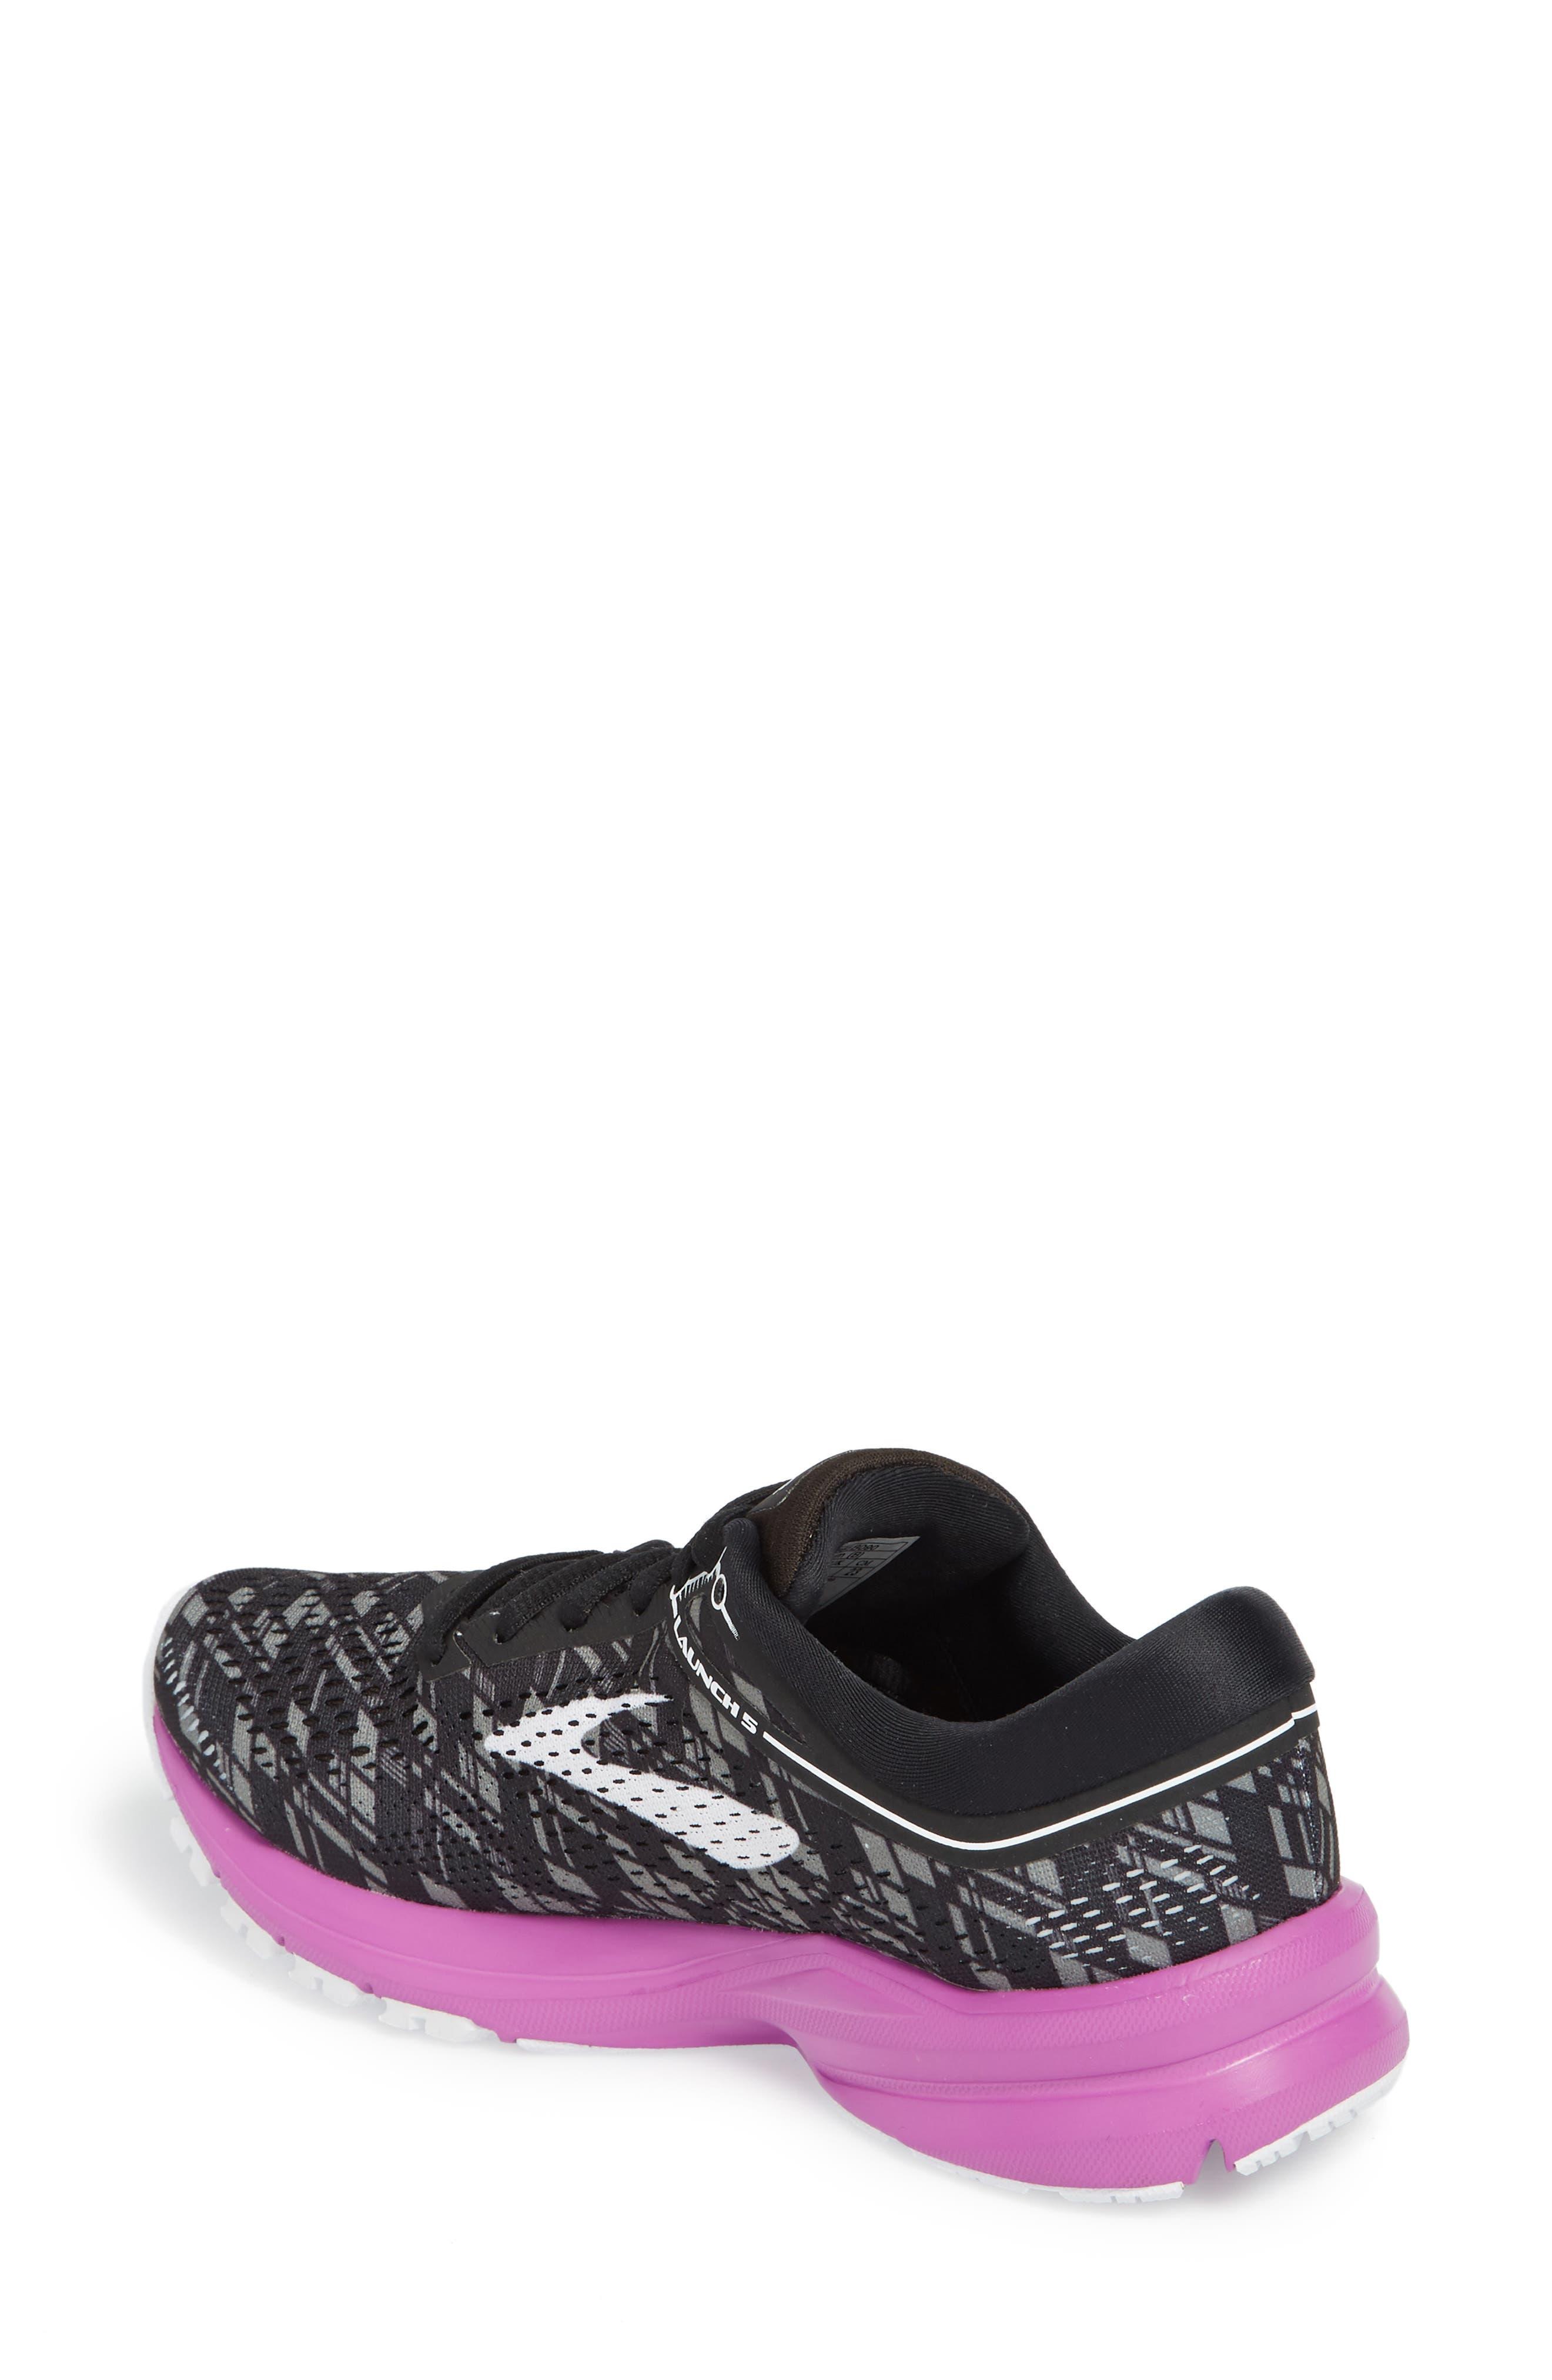 Alternate Image 2  - Brooks Launch 5 Running Shoe (Women)